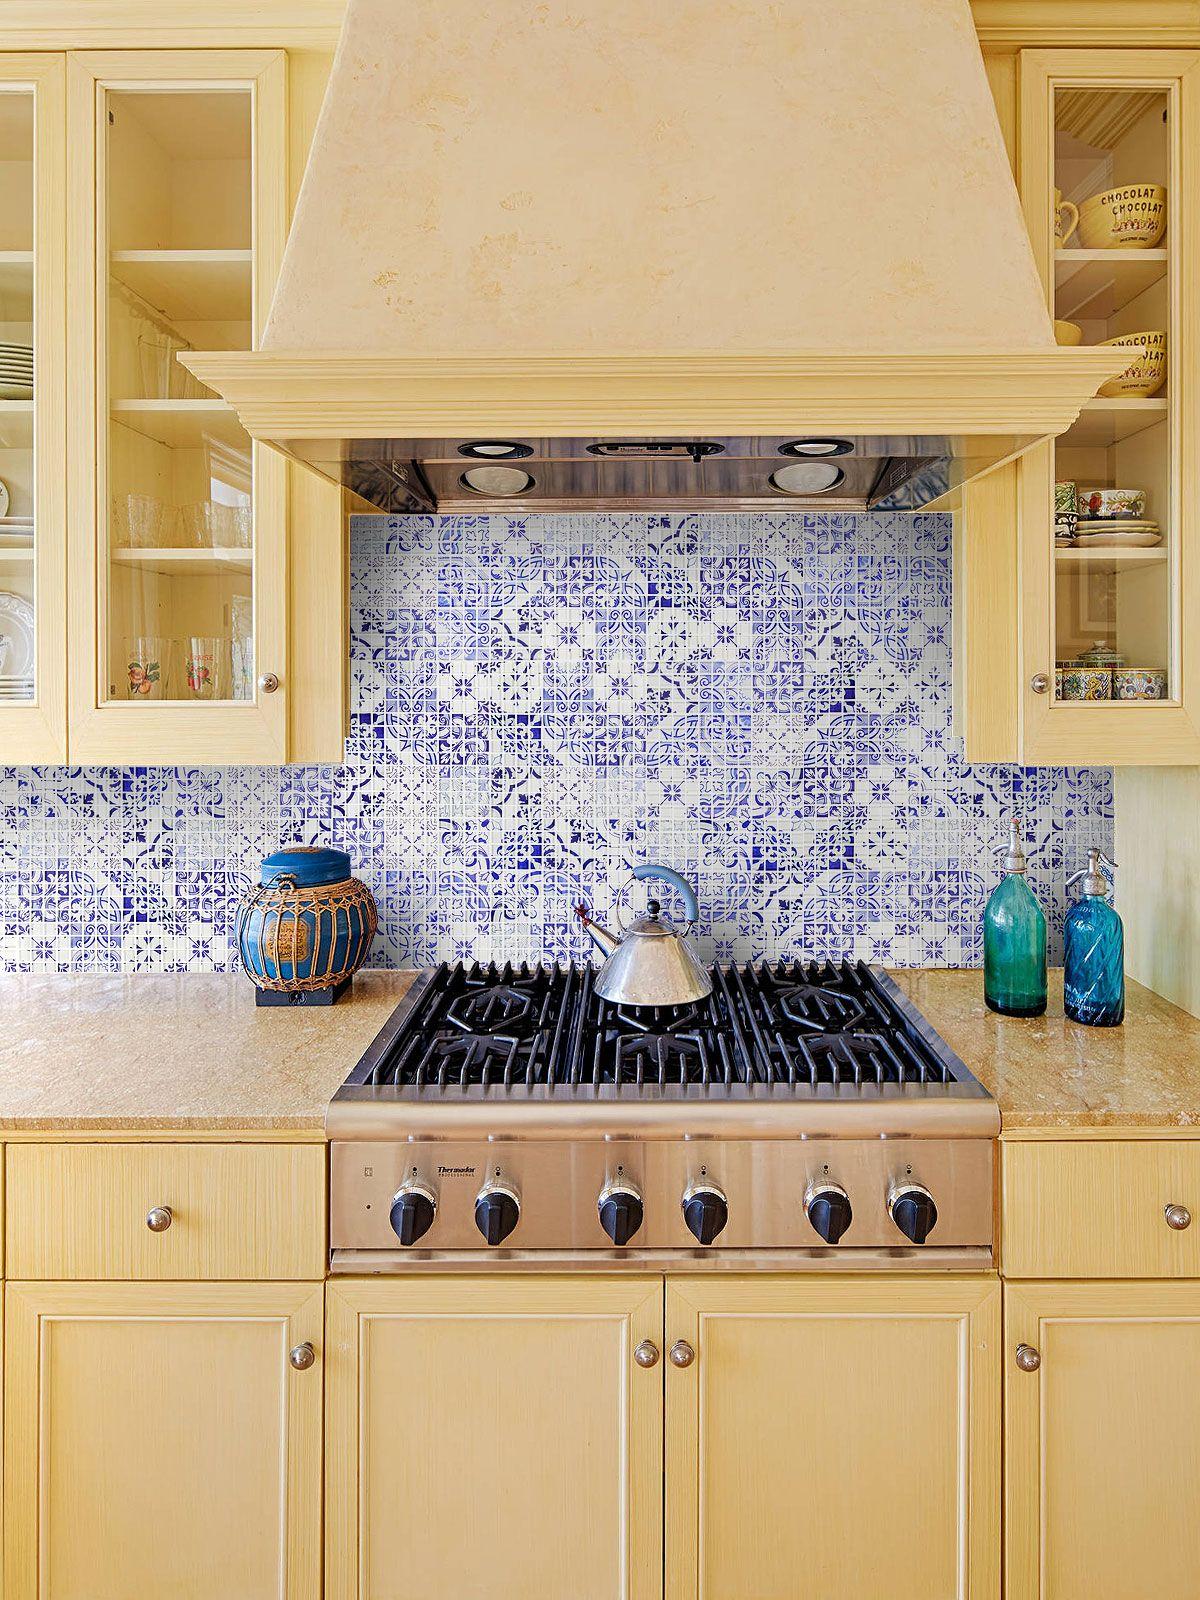 Mediterranean Style Blue Kitchen Backsplash Tile Blue Backsplash Kitchen Mosaic Tile Backsplash Kitchen Glass Mosaic Backsplash Kitchen